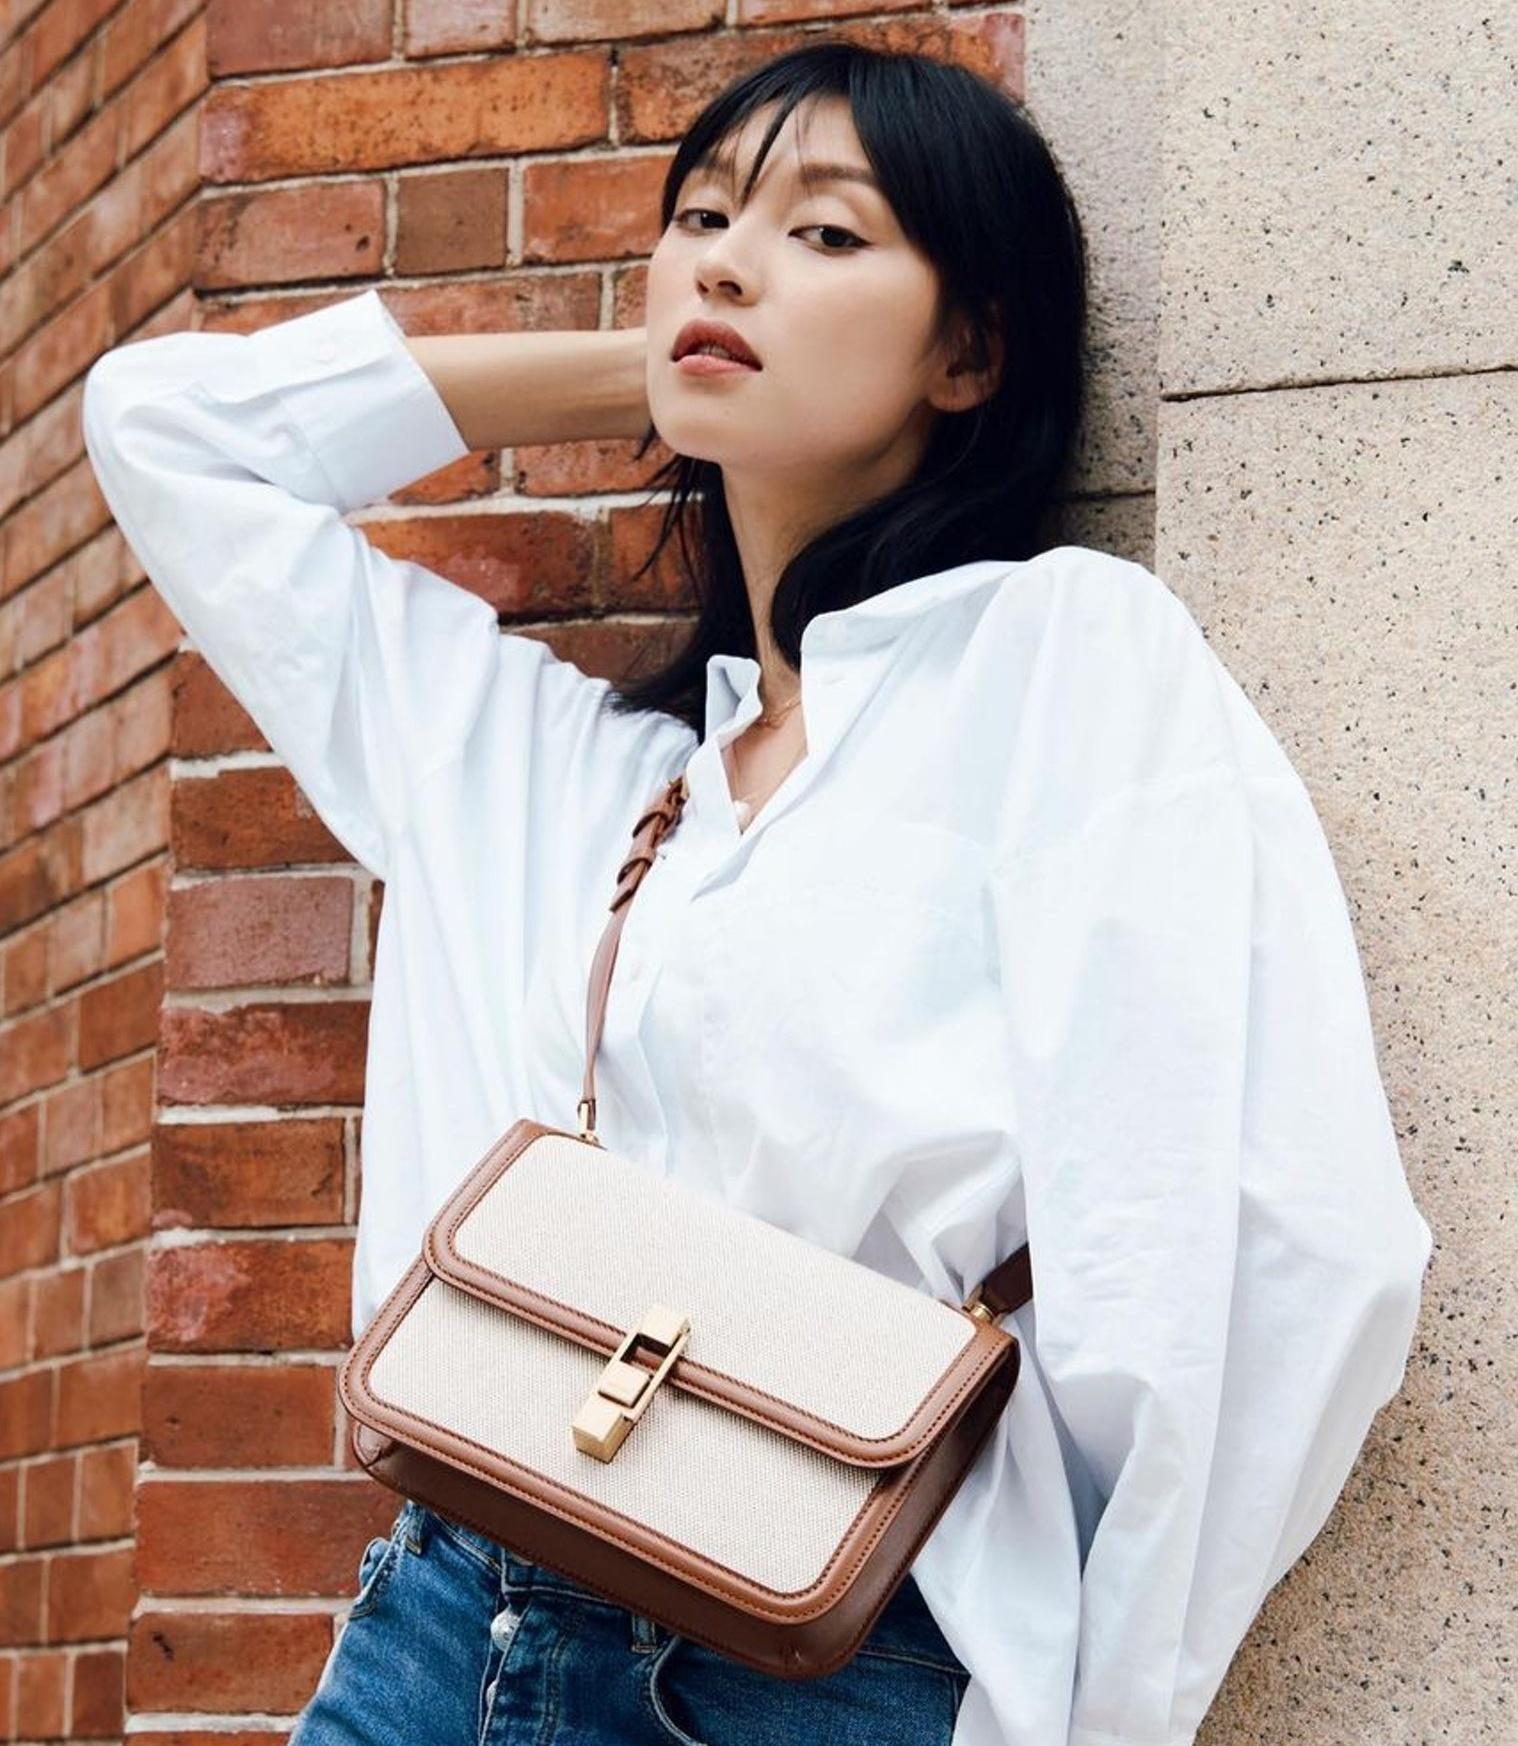 Vương Đan Ni nói cô thích sự đa dạng trong phong cách. Vì thế, người mẫu 31 tuổi sẵn sàng trải nghiệm nhiều kiểu dáng trang phục, kiểu trang điểm khác nhau.